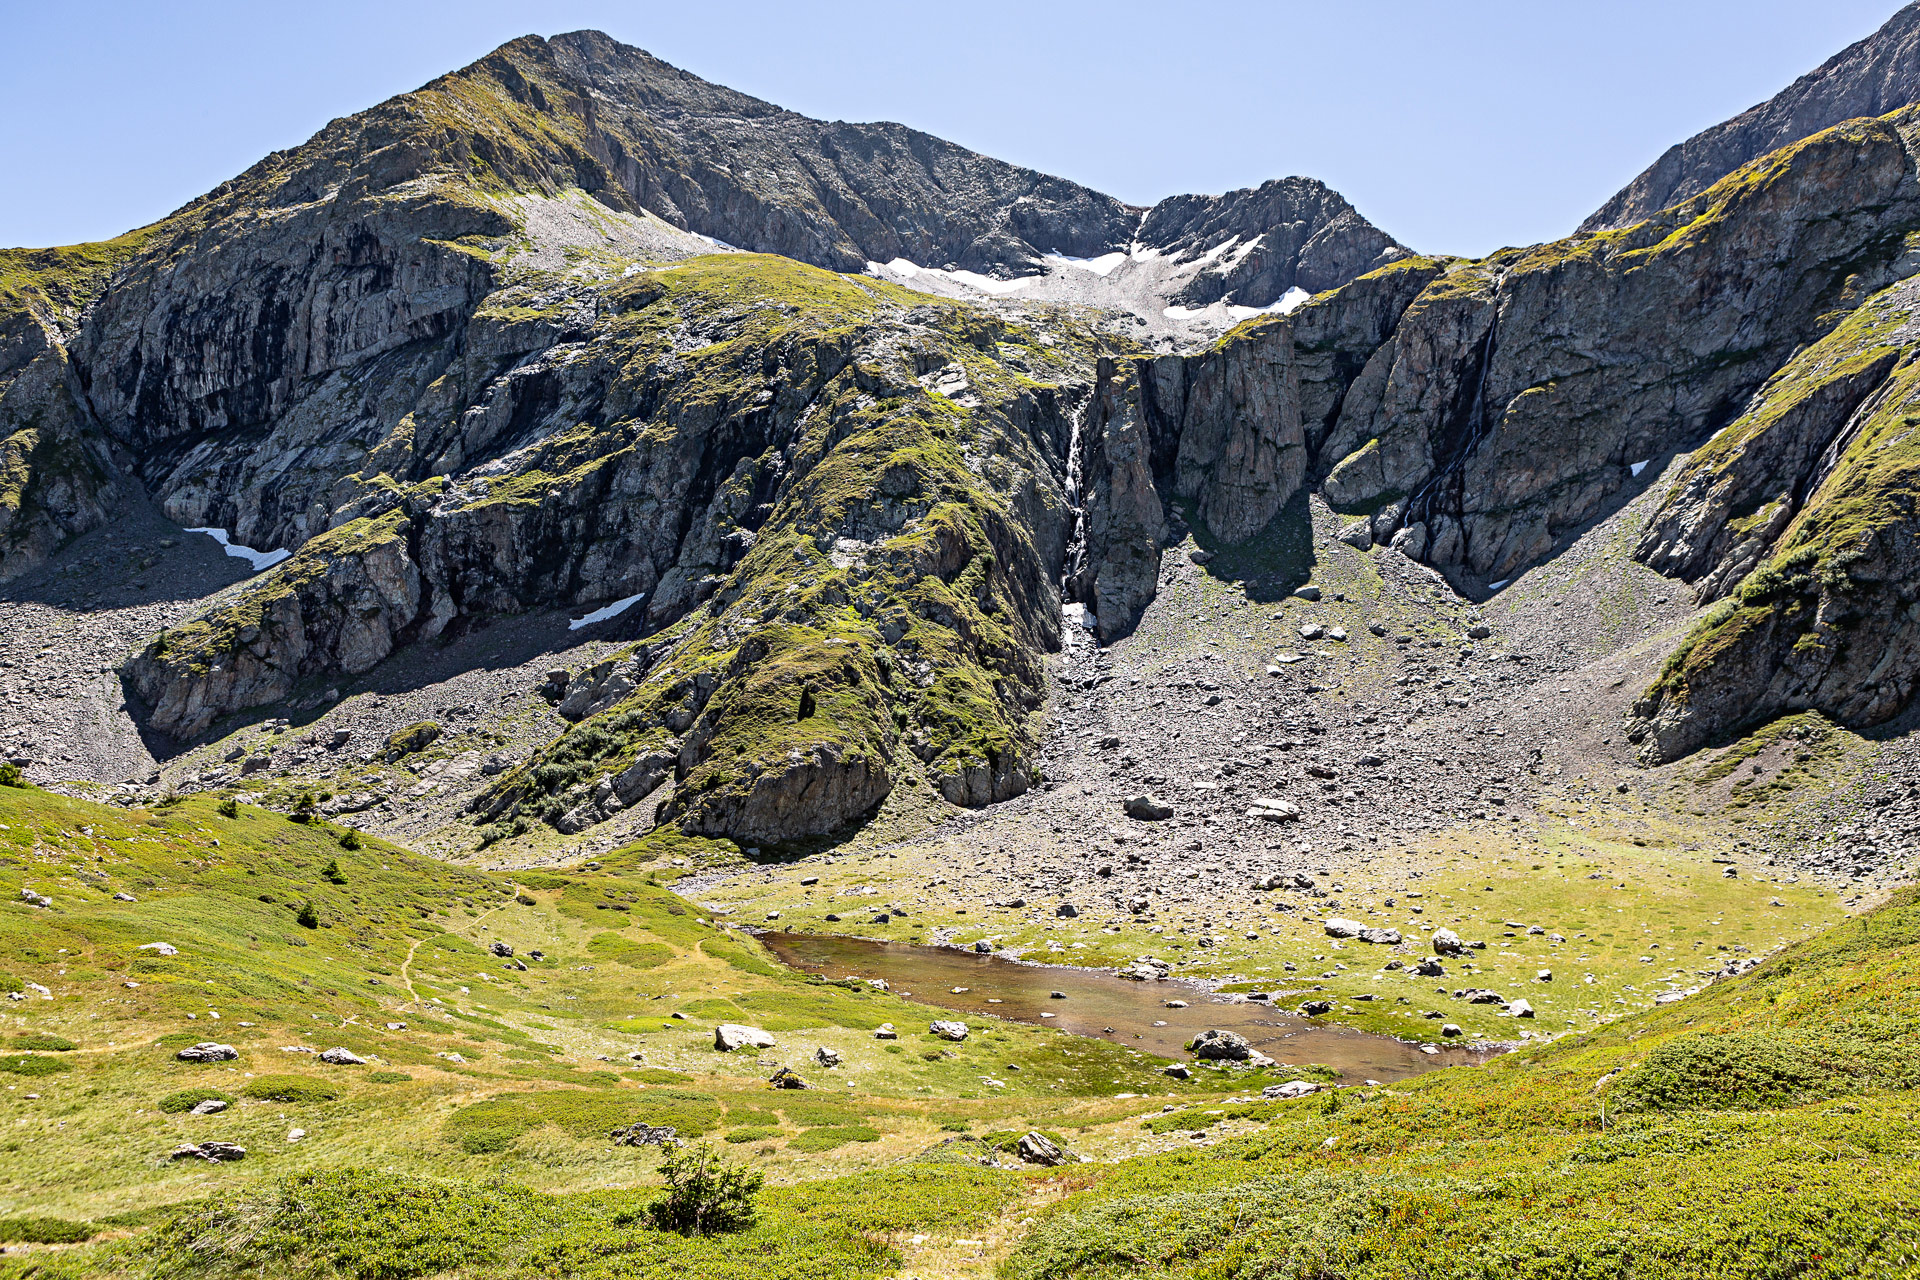 Randonnées autour de Grenoble plateau lac fourchu